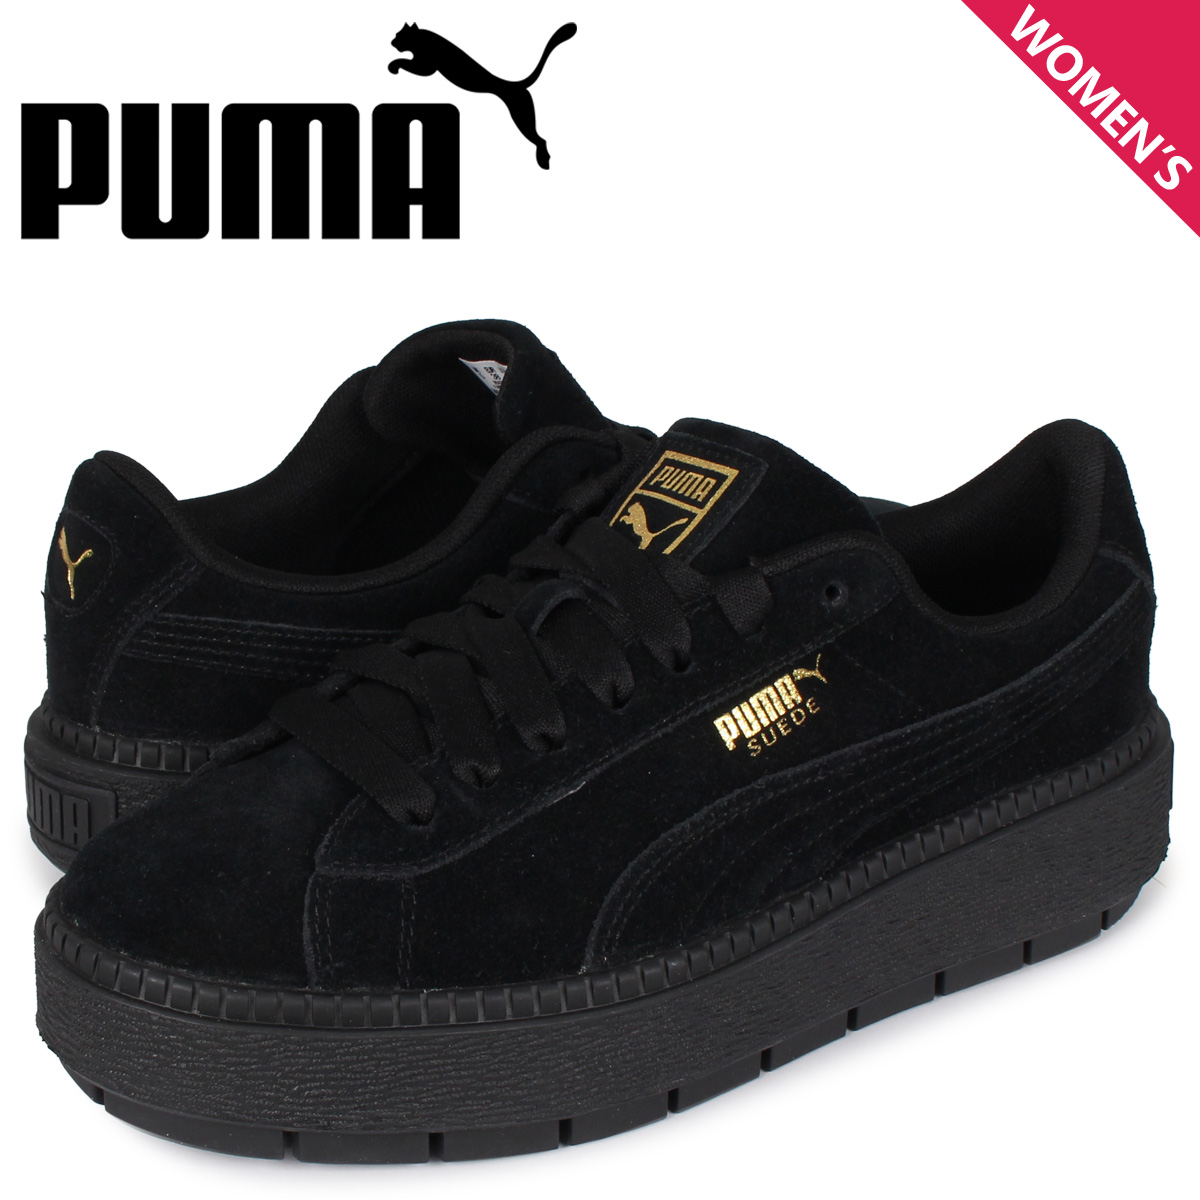 プーマ PUMA スエード プラットフォーム スニーカー レディース スウェード 厚底 SUEDE PLATFORM TRACE WMNS ブラック 黒 36583001